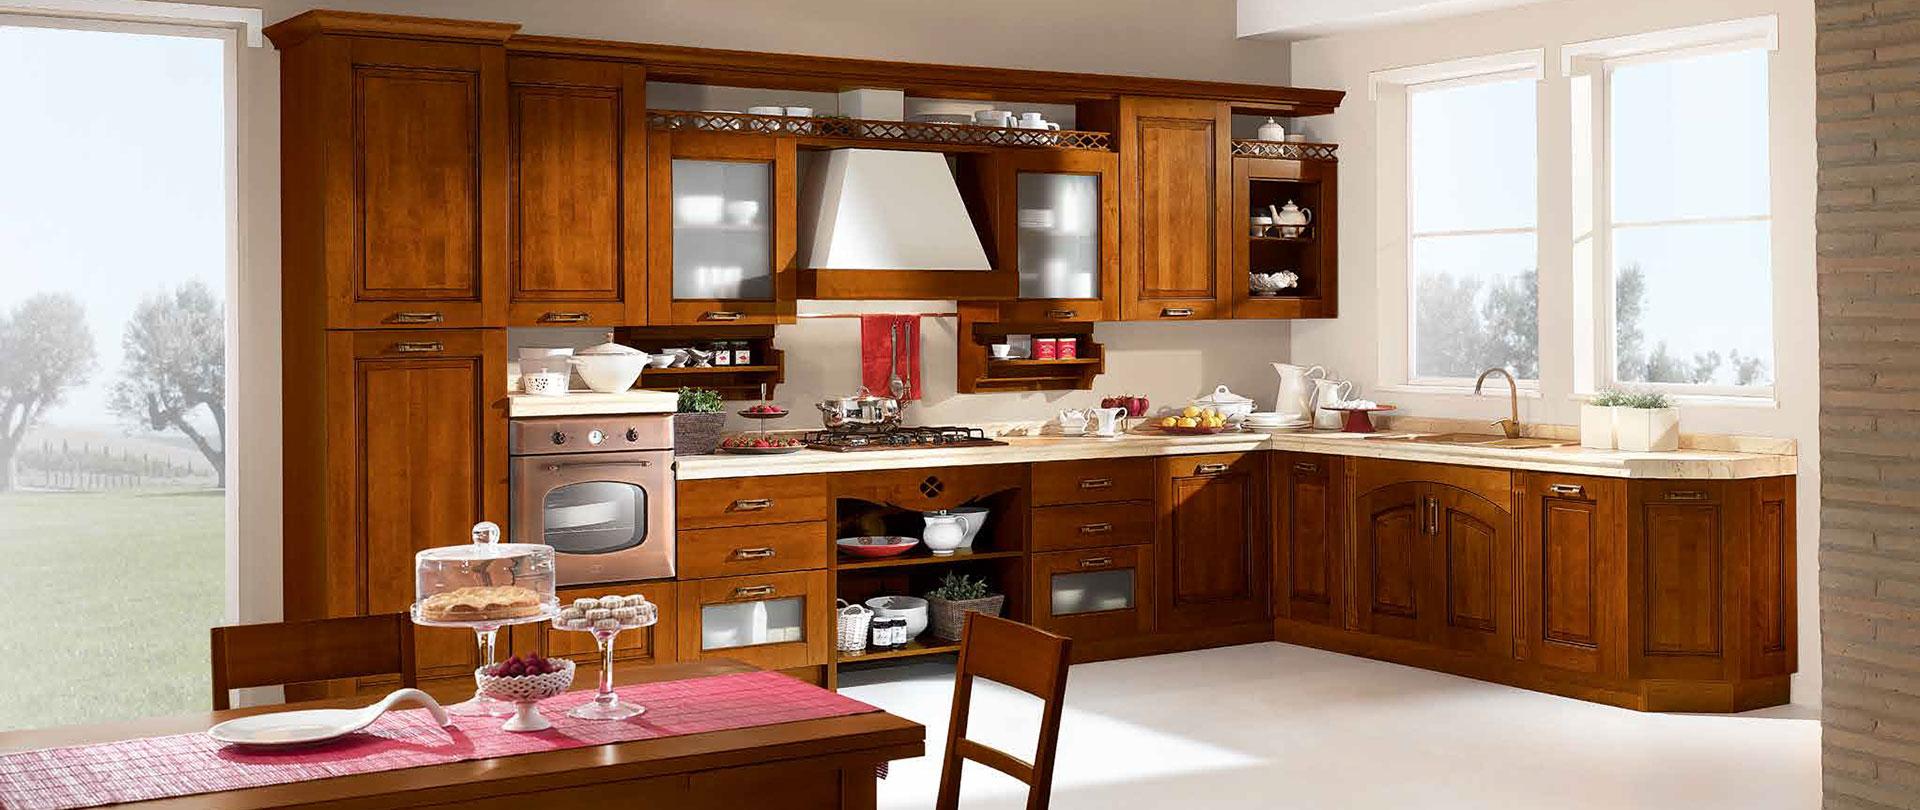 Cucina Classica Cagliari | Mod. Penny Mobilturi Arredi 2000 Cagliari